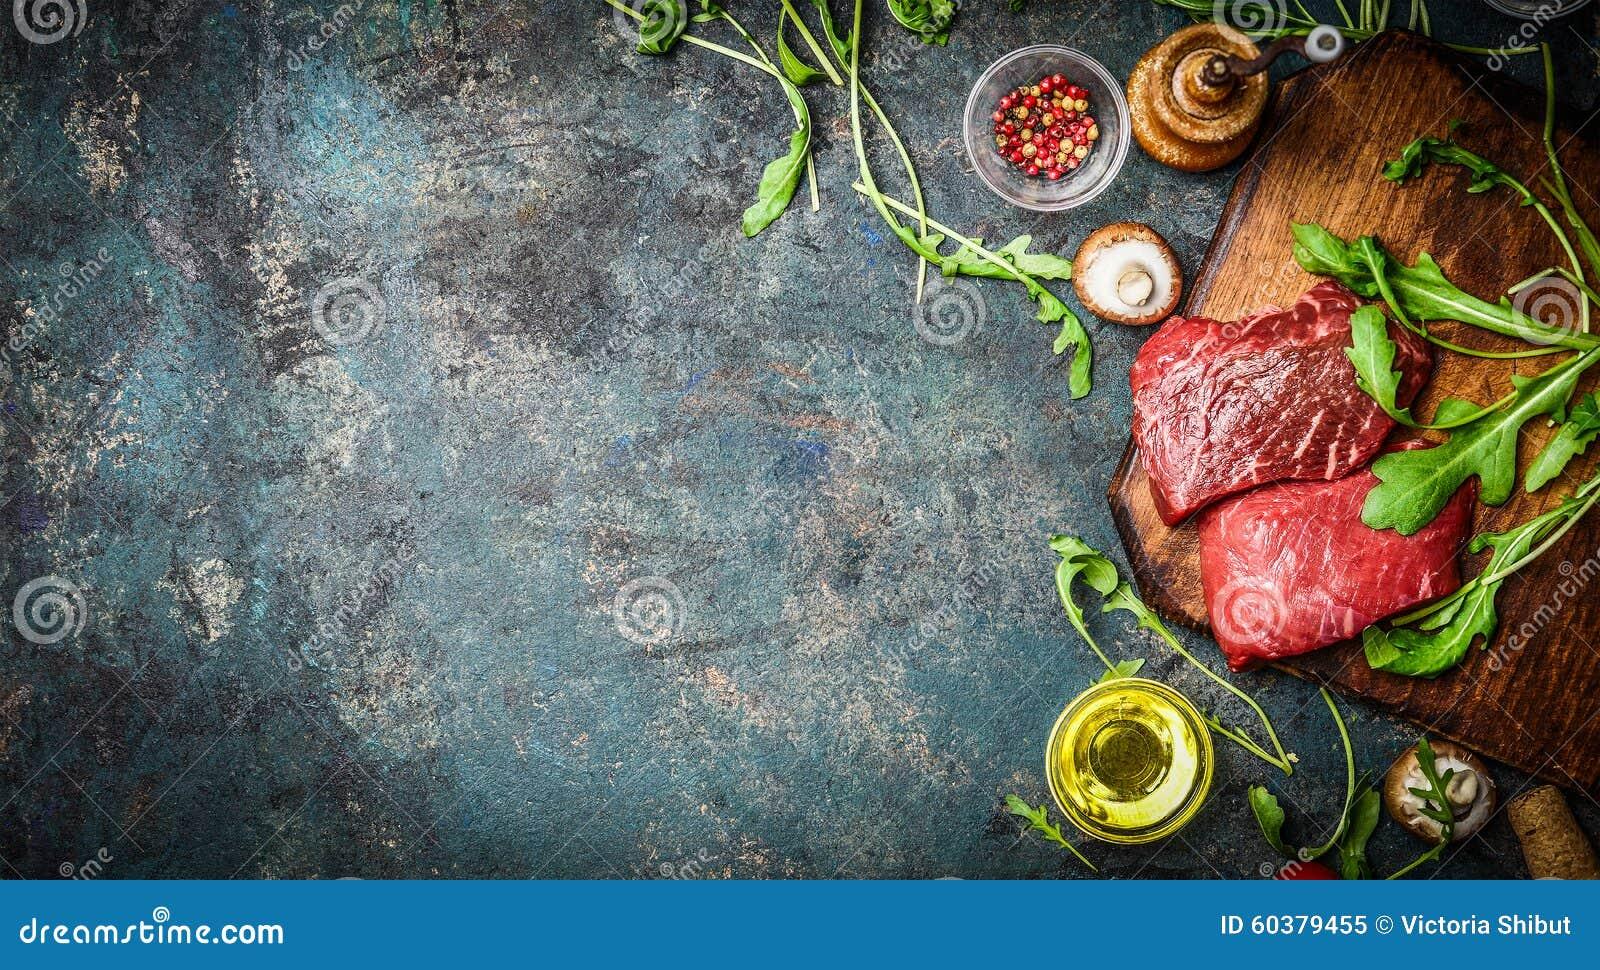 Bifteck de boeuf cru et ingrédients frais pour faire cuire sur le fond rustique, vue supérieure, bannière